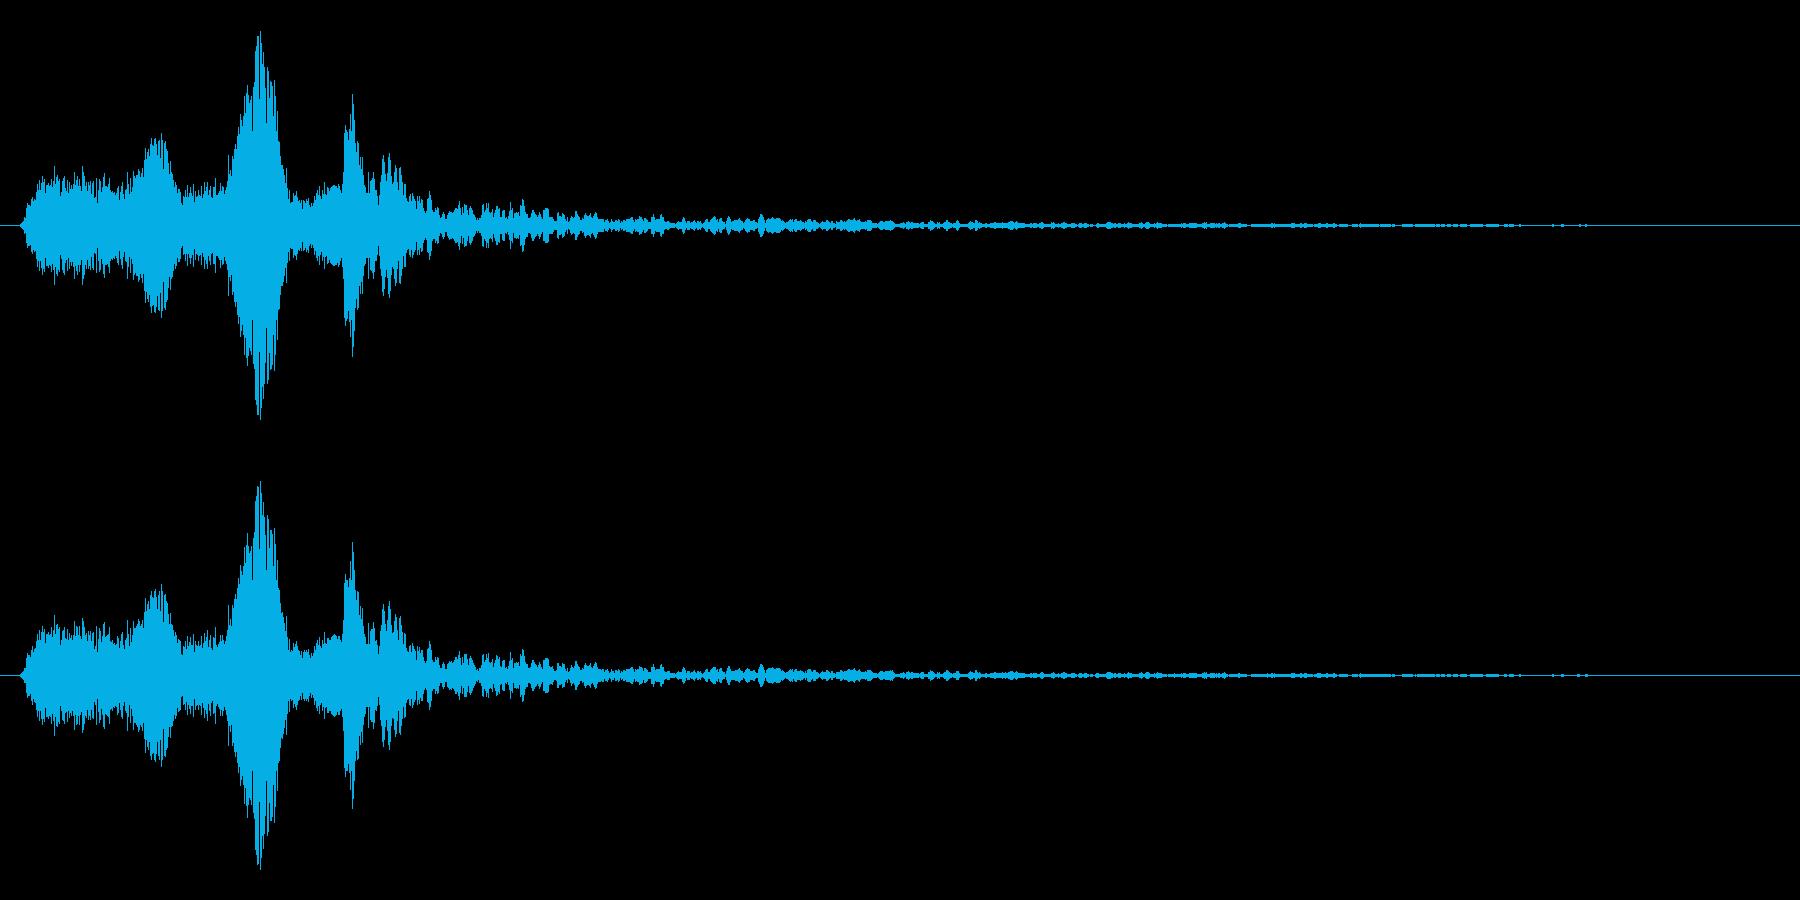 【女の子の幽霊】うふふふっ……(響)の再生済みの波形